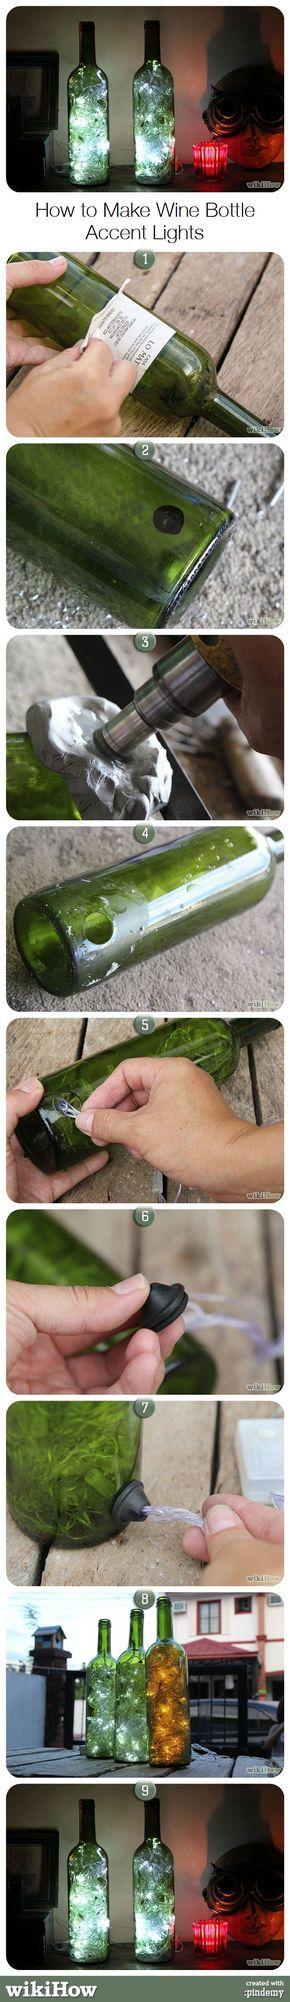 How to Make Wine Bottle Accent Lights, from wikiHow.com ...repinned für Gewinner! - jetzt gratis Erfolgsratgeber sichern www.ratsucher.de